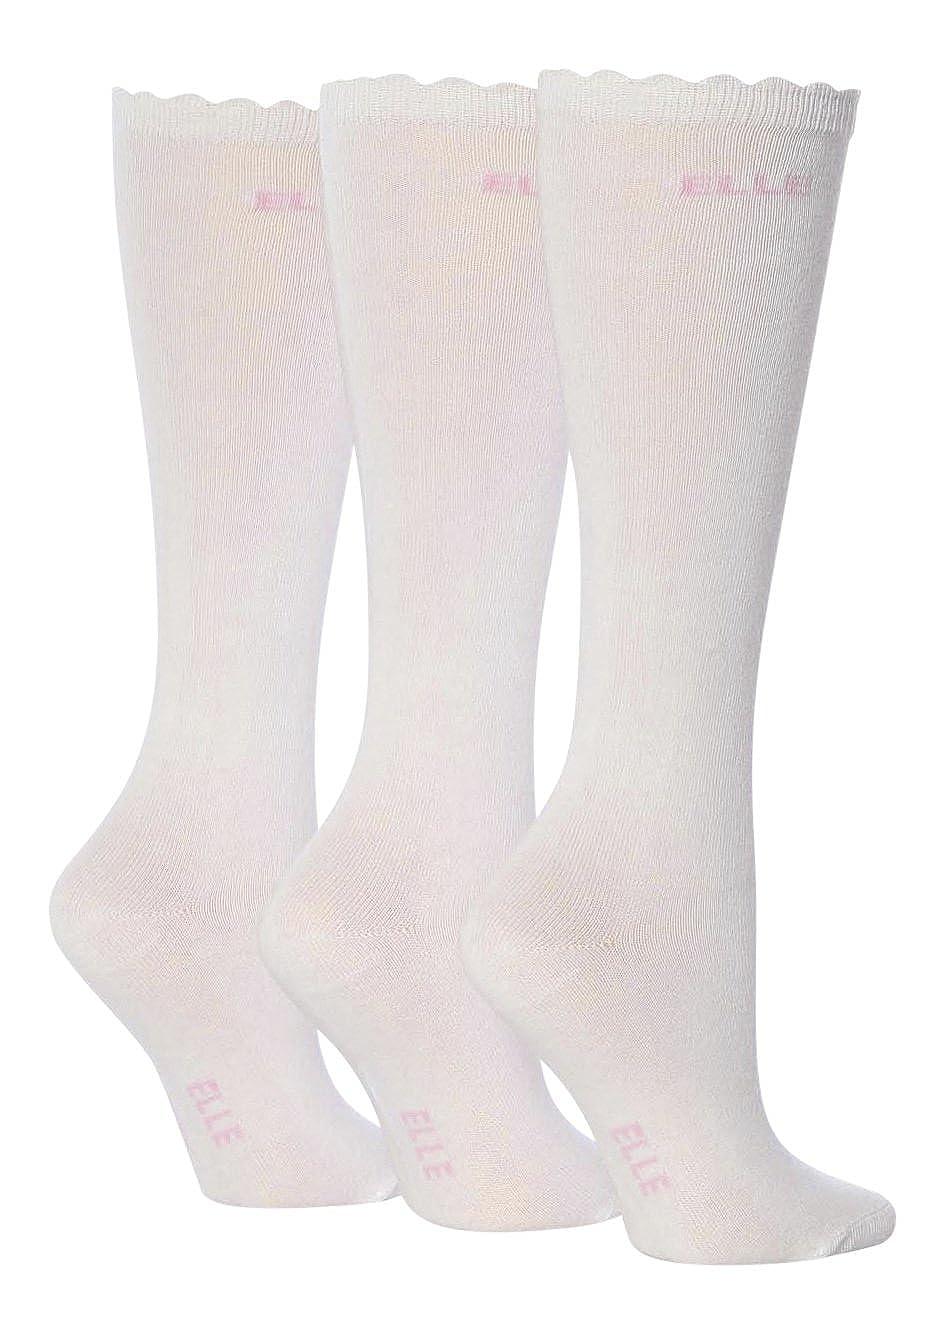 3 Pairs Girls Ladies Over knee Socks White 4-5.5(11+ Years)